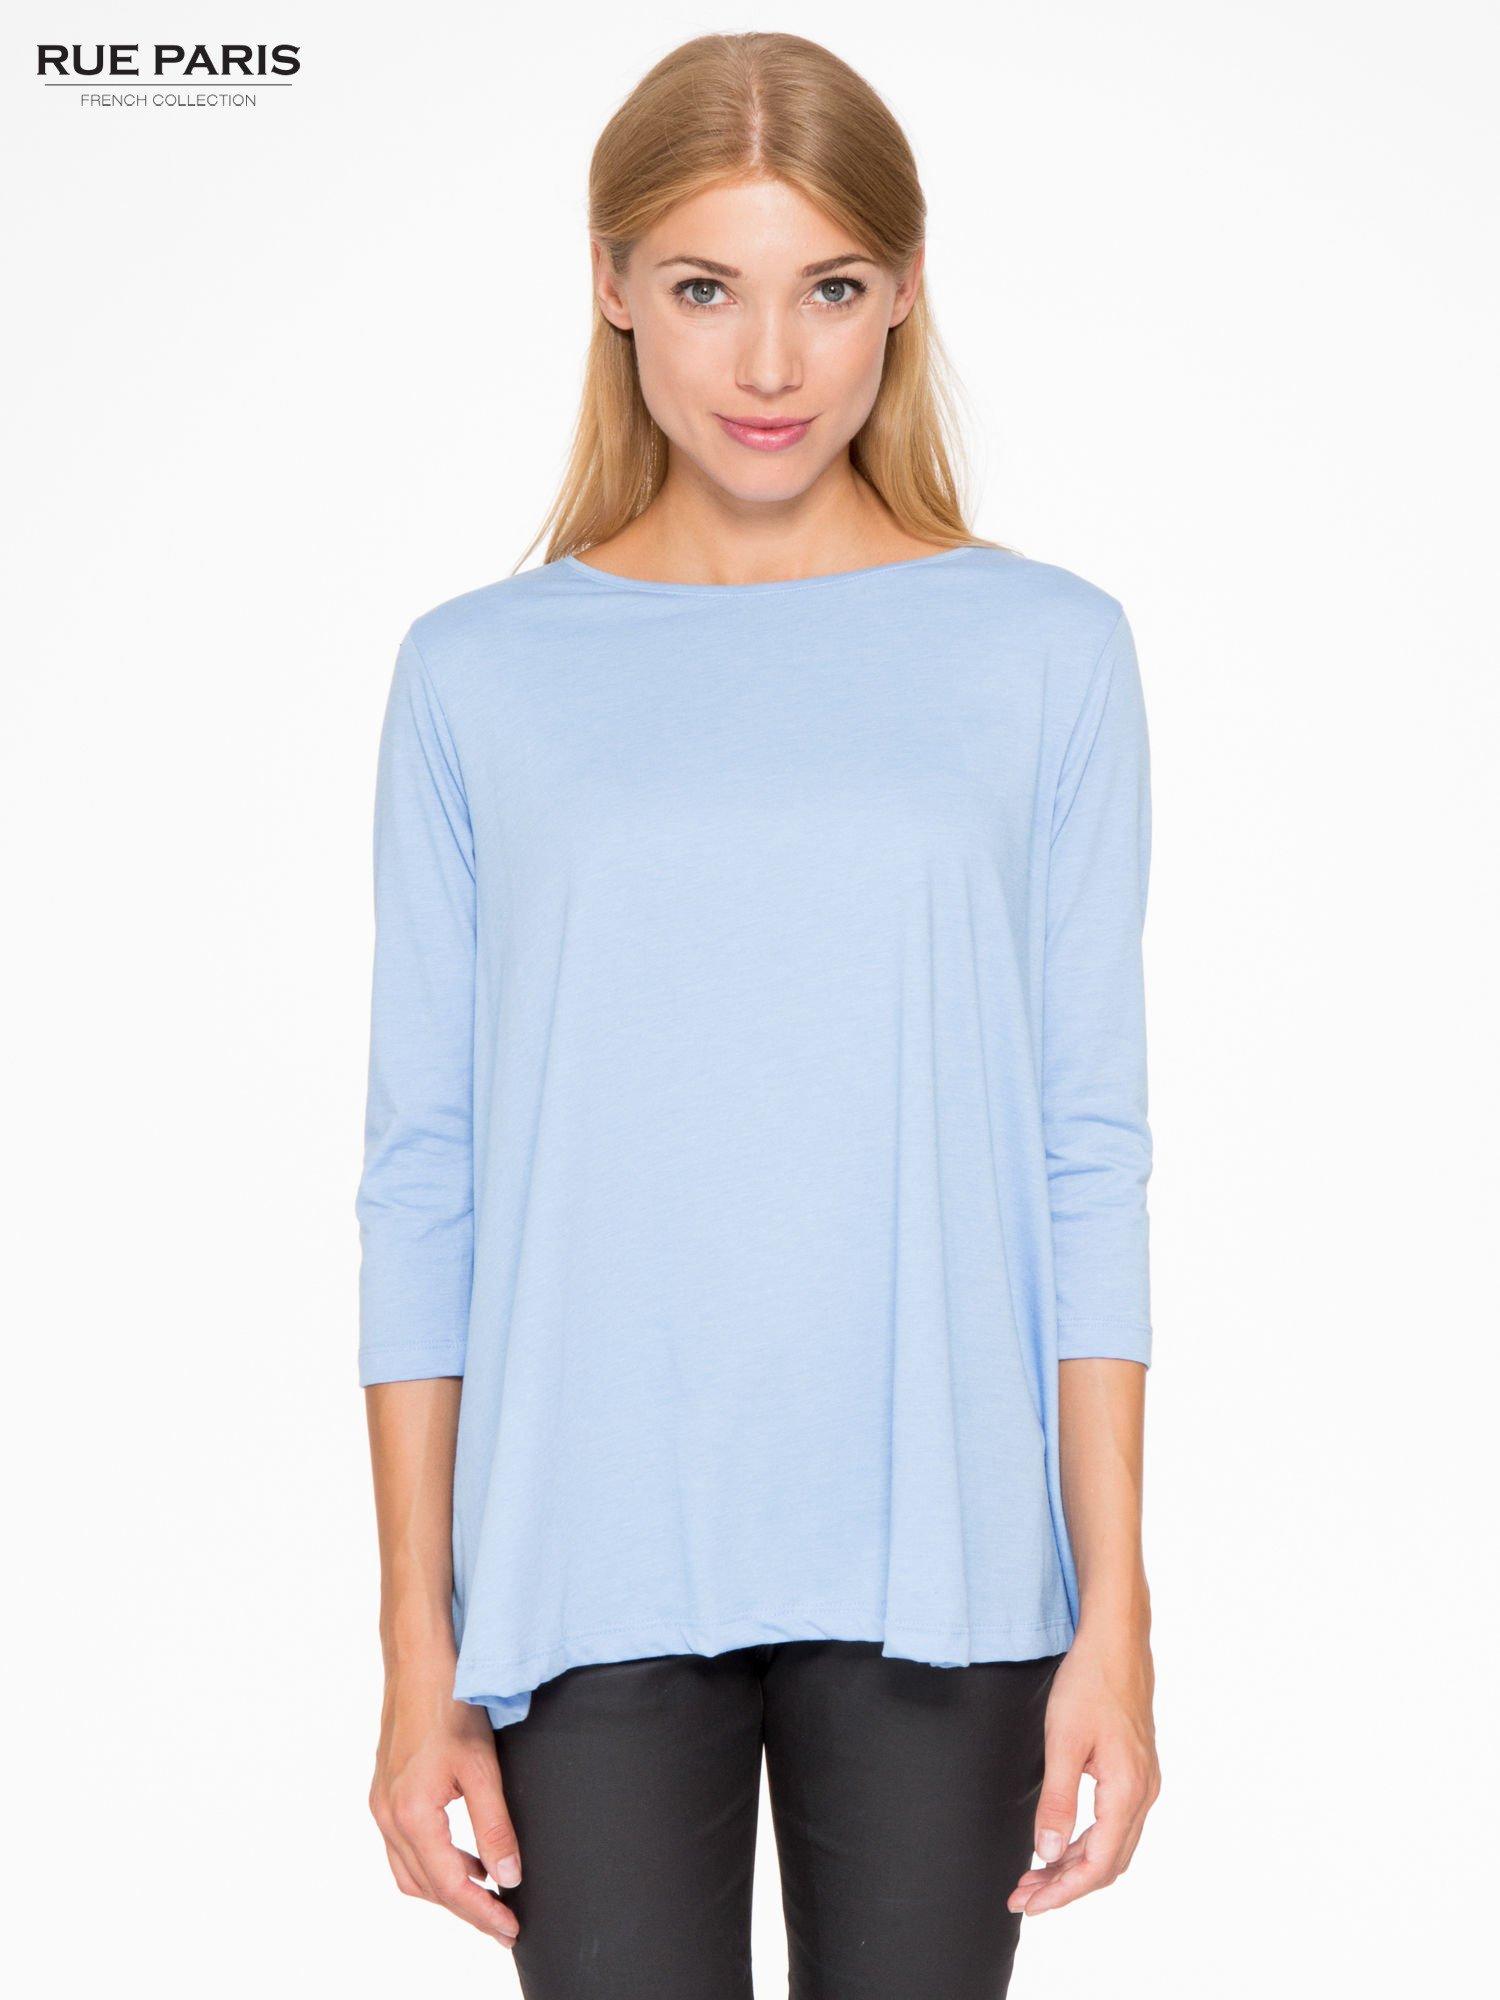 Niebieska bluzka o rozkloszowanym kroju z rękawem 3/4                                  zdj.                                  1